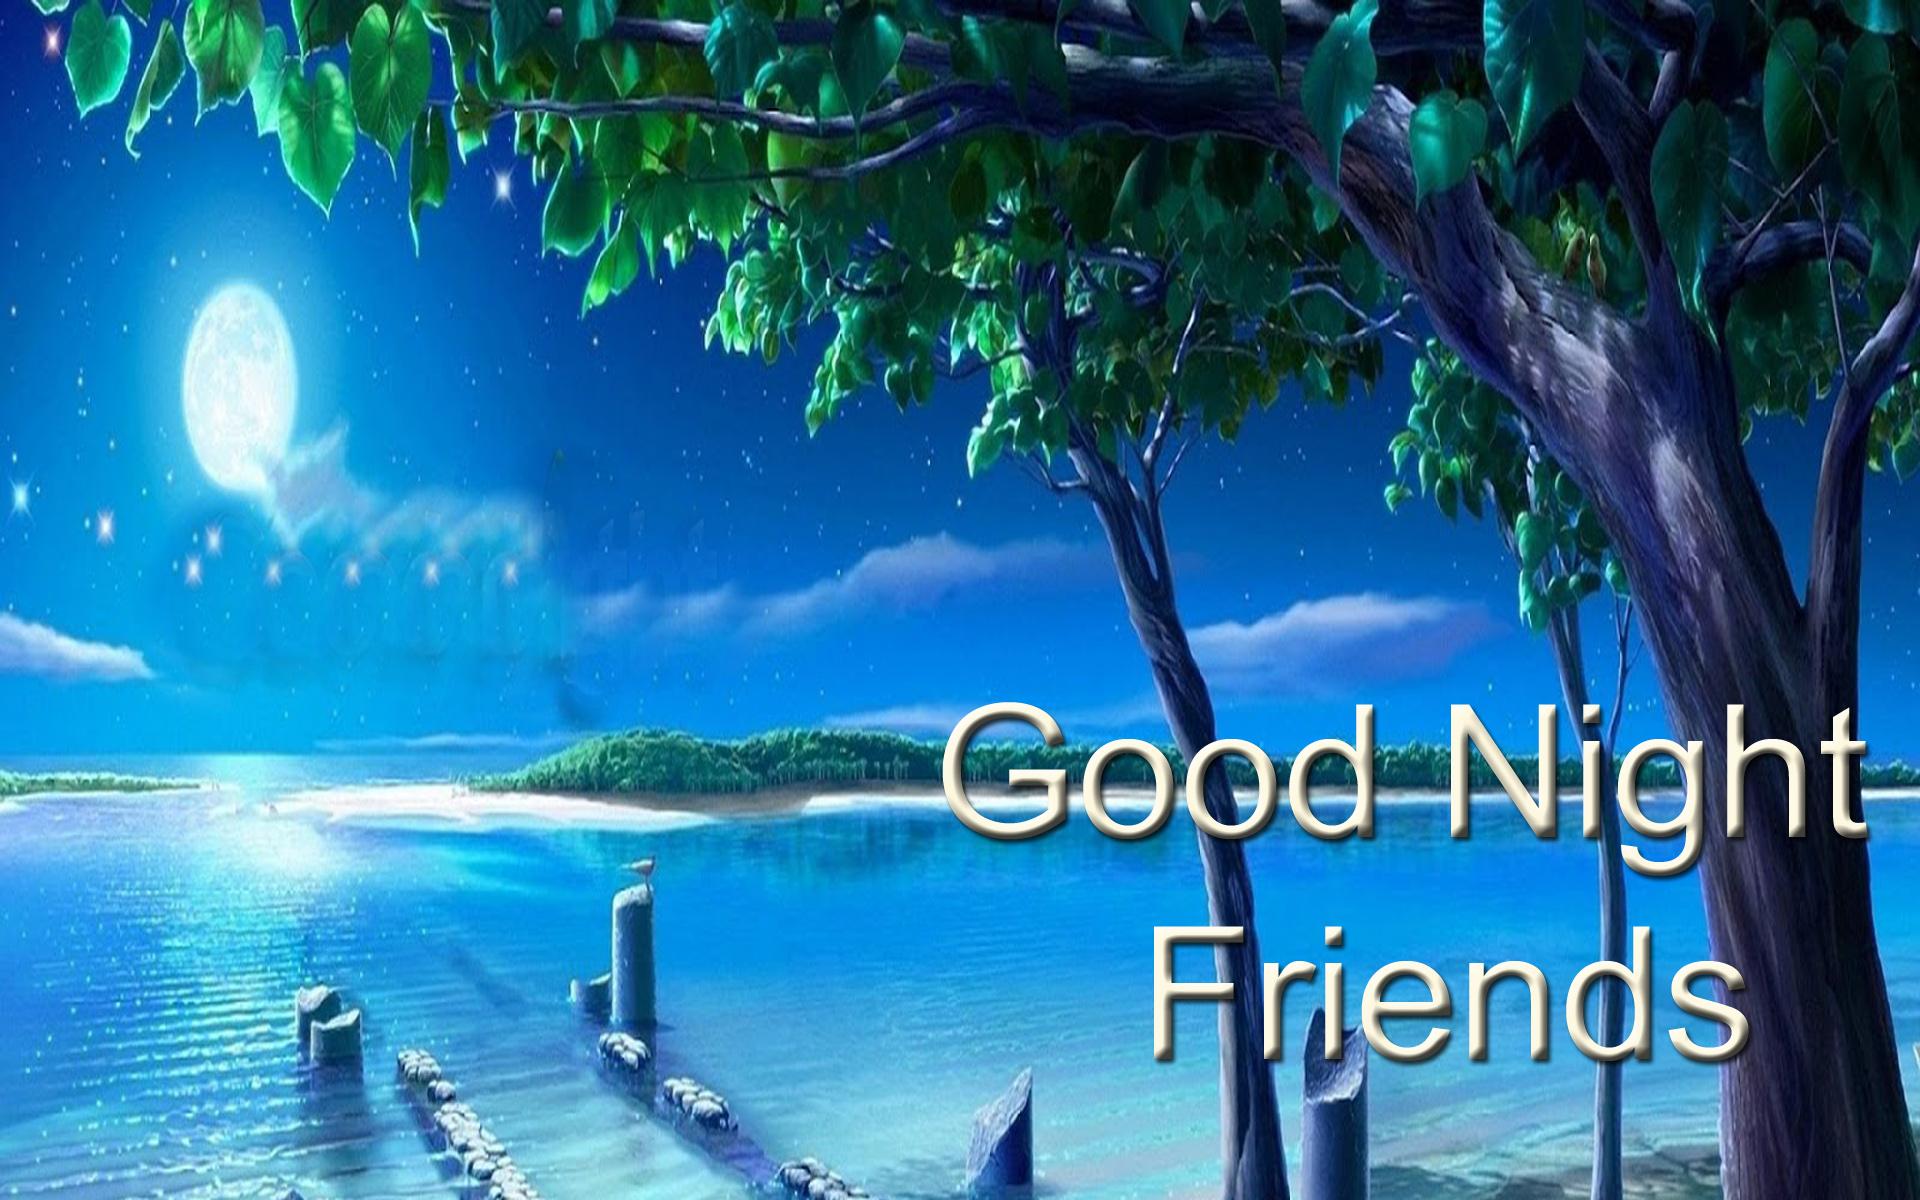 Good Night Wallpaper Friends Good Night All My Friends 1920x1200 Wallpaper Teahub Io